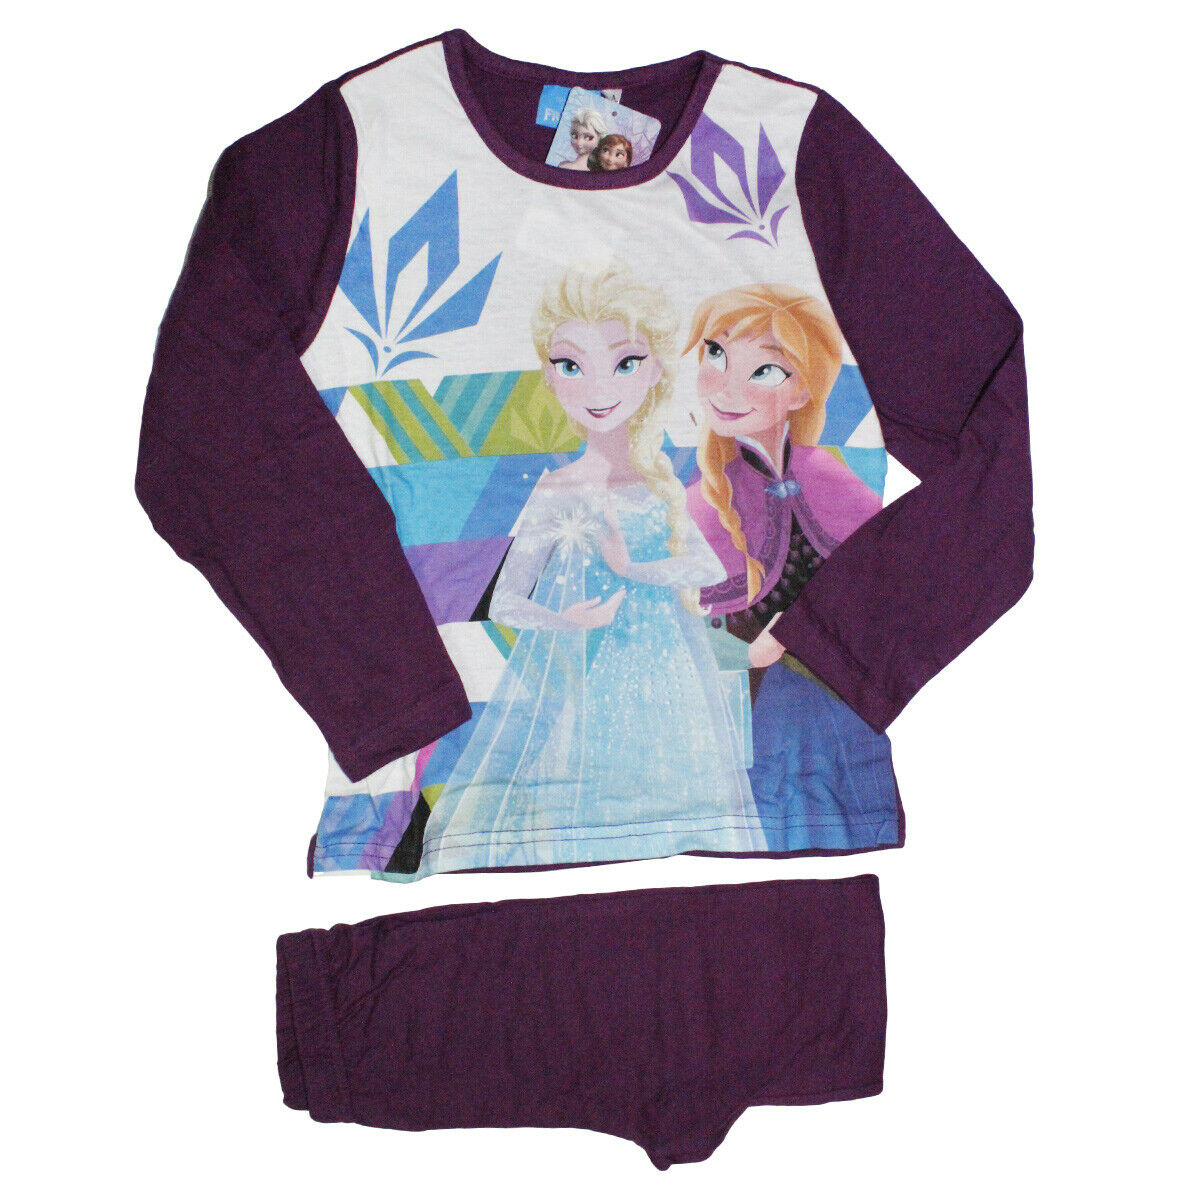 Disney Frozen grigio Il regno di ghiaccio Ragazze Maglietta maniche lunghe